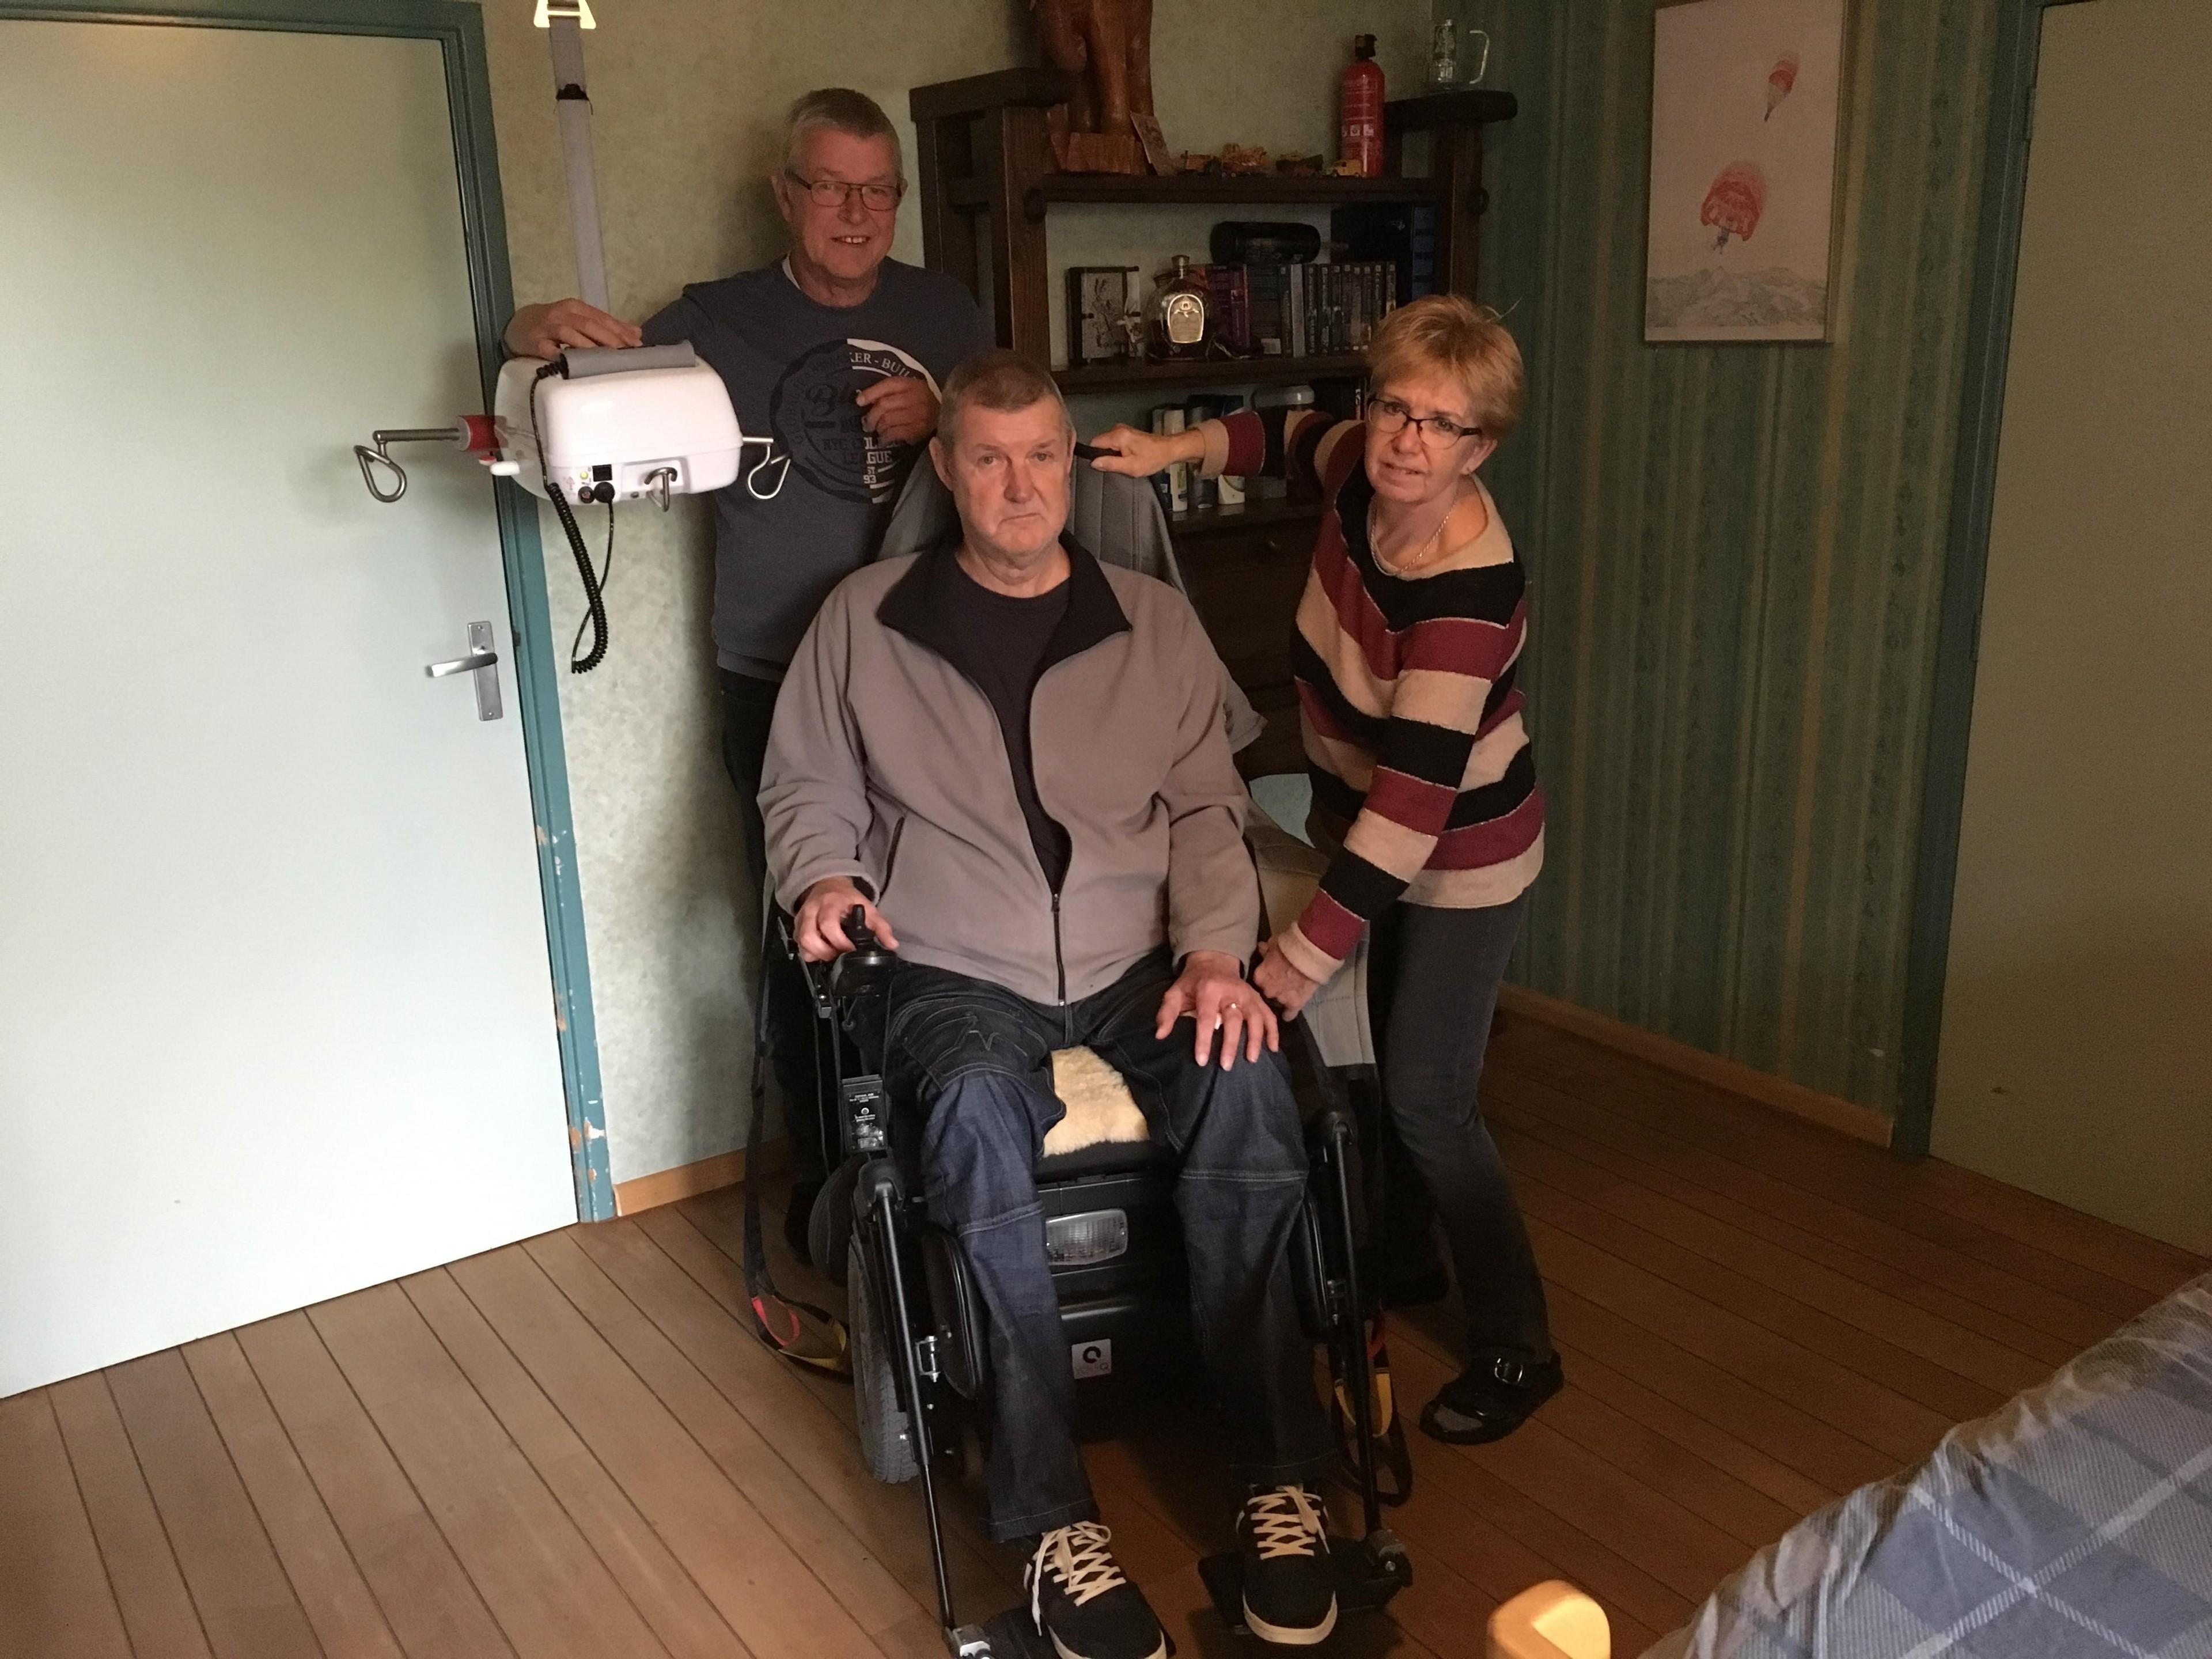 Ron en Yvon uit Sijbekarspel ontfermen zich over zijn zieke broers: 'We hebben eigenlijk altijd bij de dag geleefd' - Noordhollands Dagblad